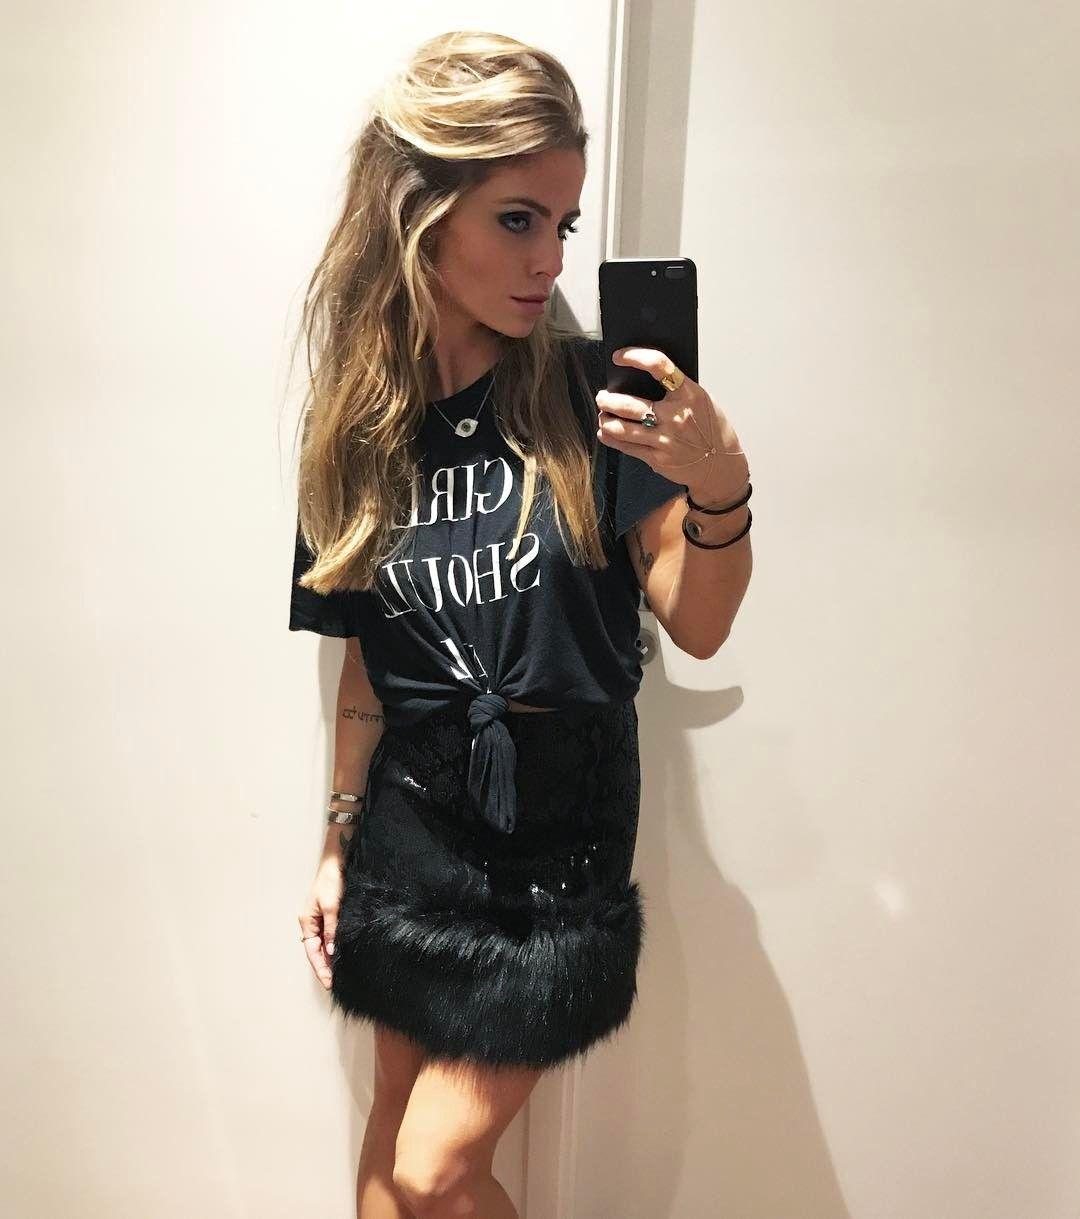 """930 Likes, 5 Comments - Vanessa Siqueira Ribeiro Rodas (@vanessasiqueiraribeiro) on Instagram: """"Tonight's Outfit 🖤 ALL BLACK @tigoficial pra provar que a t-shirt frequenta até o @jeronimo446! 😂…"""""""